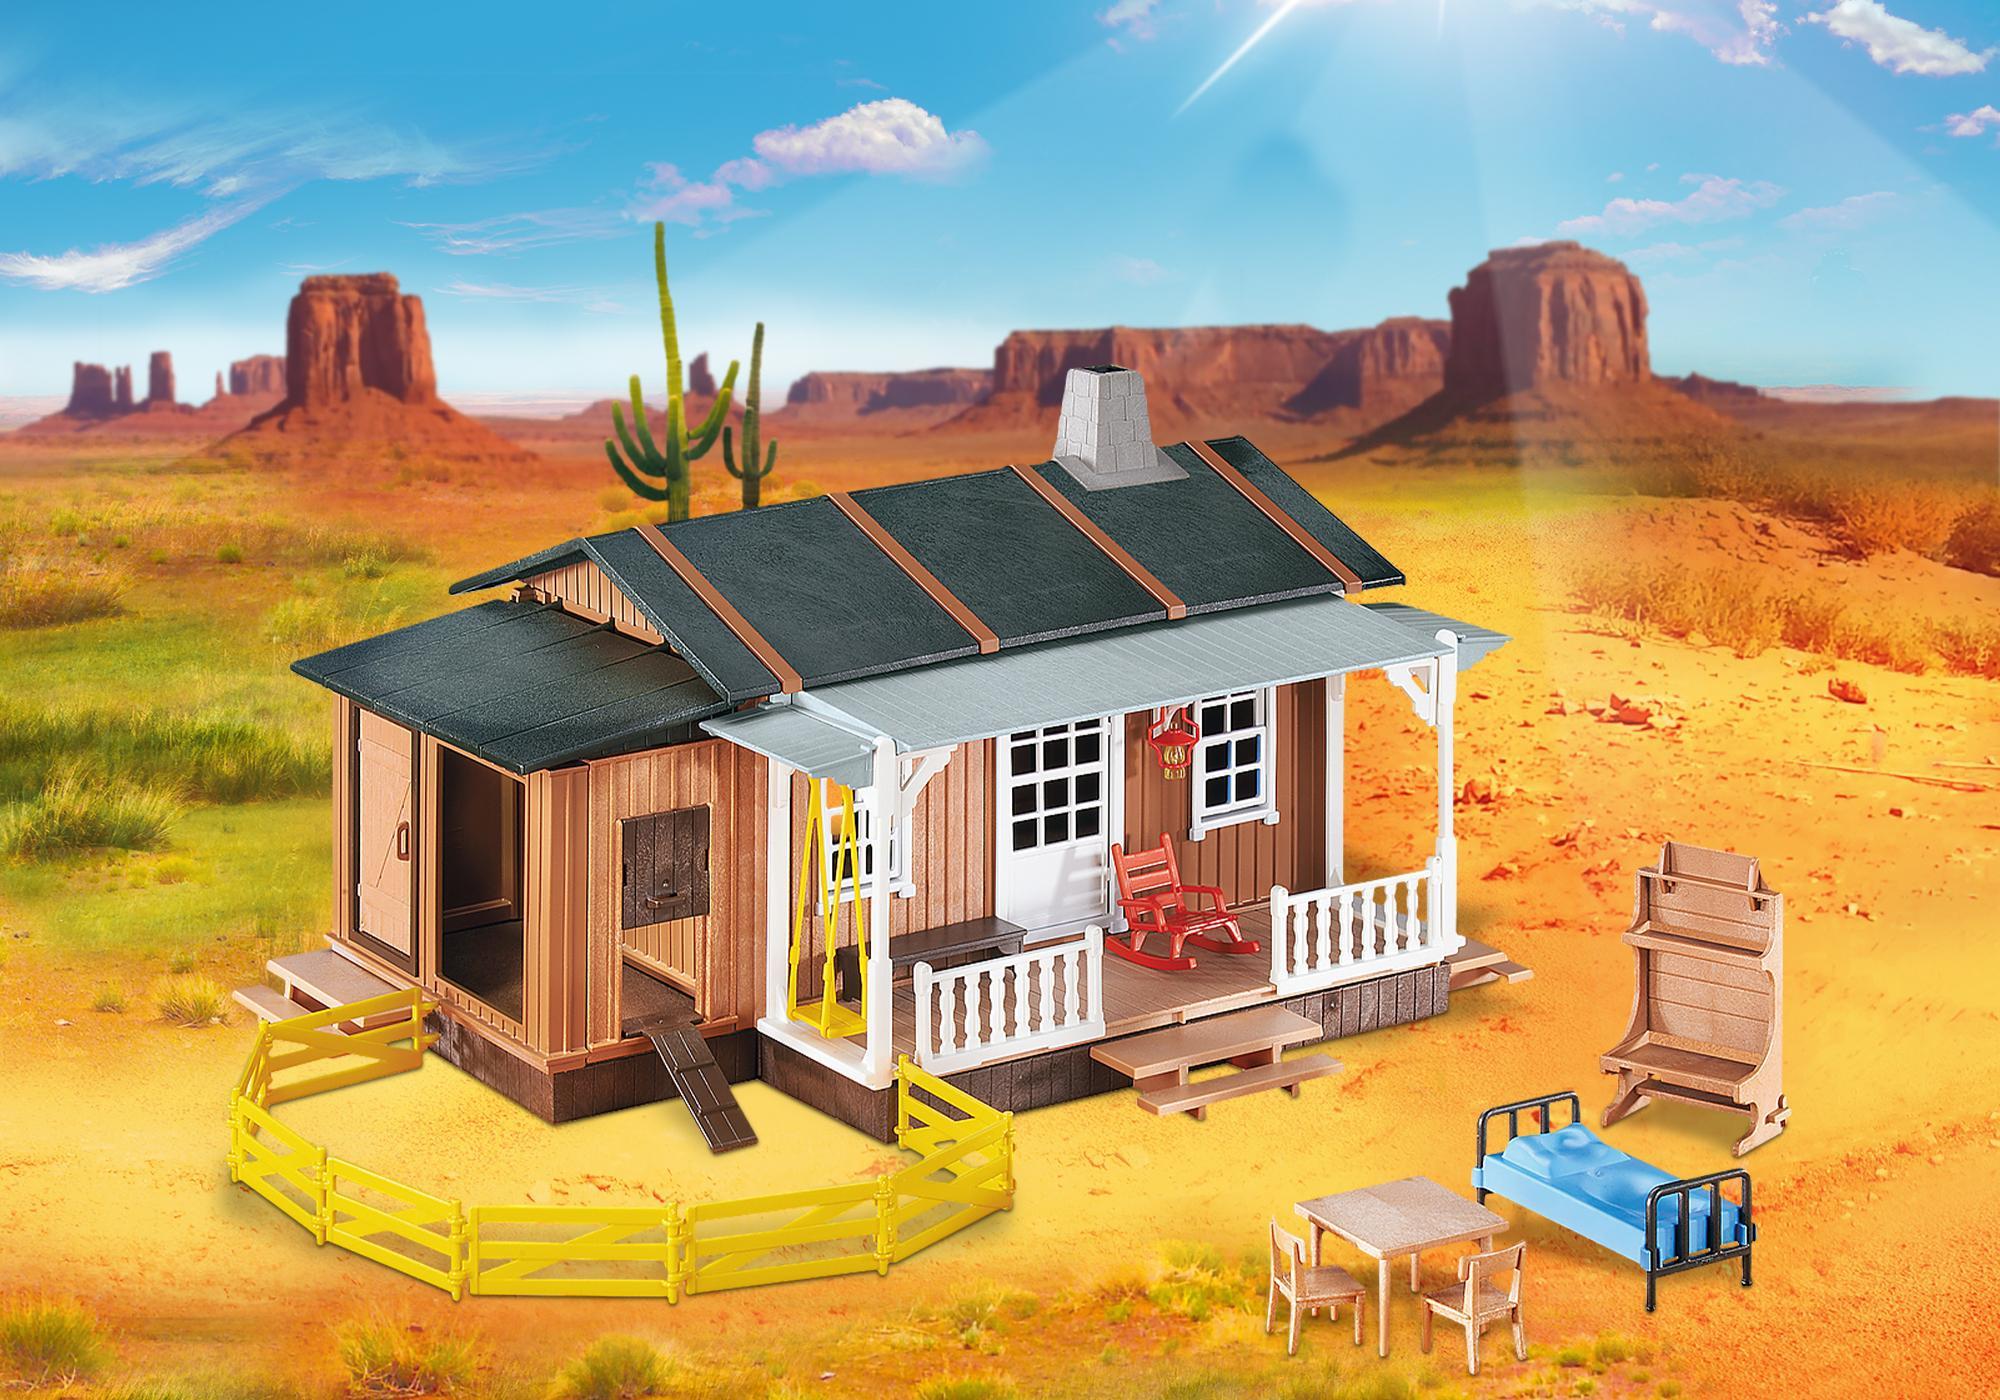 6410_product_detail/Αγροτική κατοικία Άγριας Δύσης